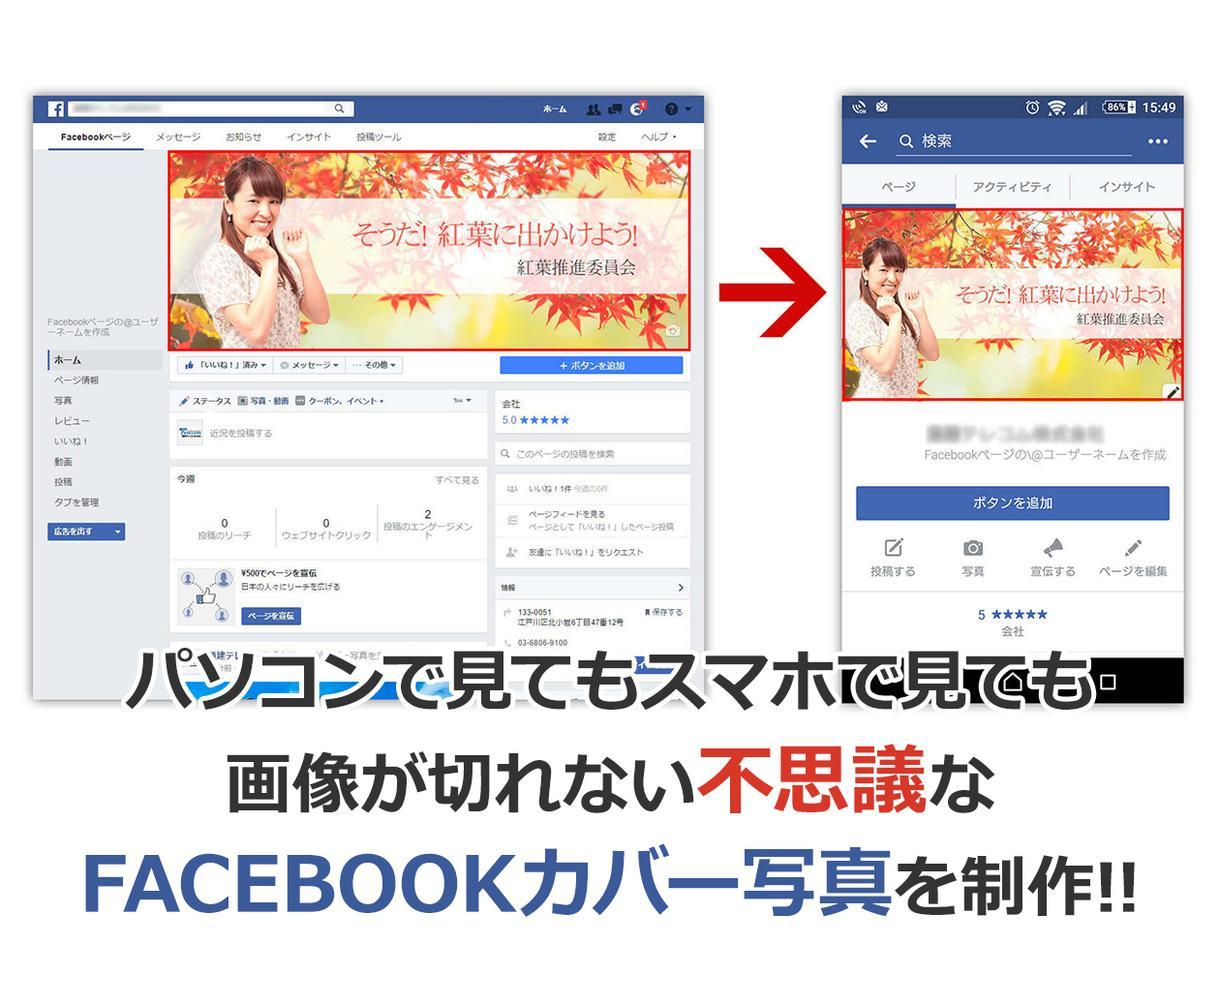 Facebookカバー写真を制作致します 文字や画像が切れない!不思議なFacebookカバー写真